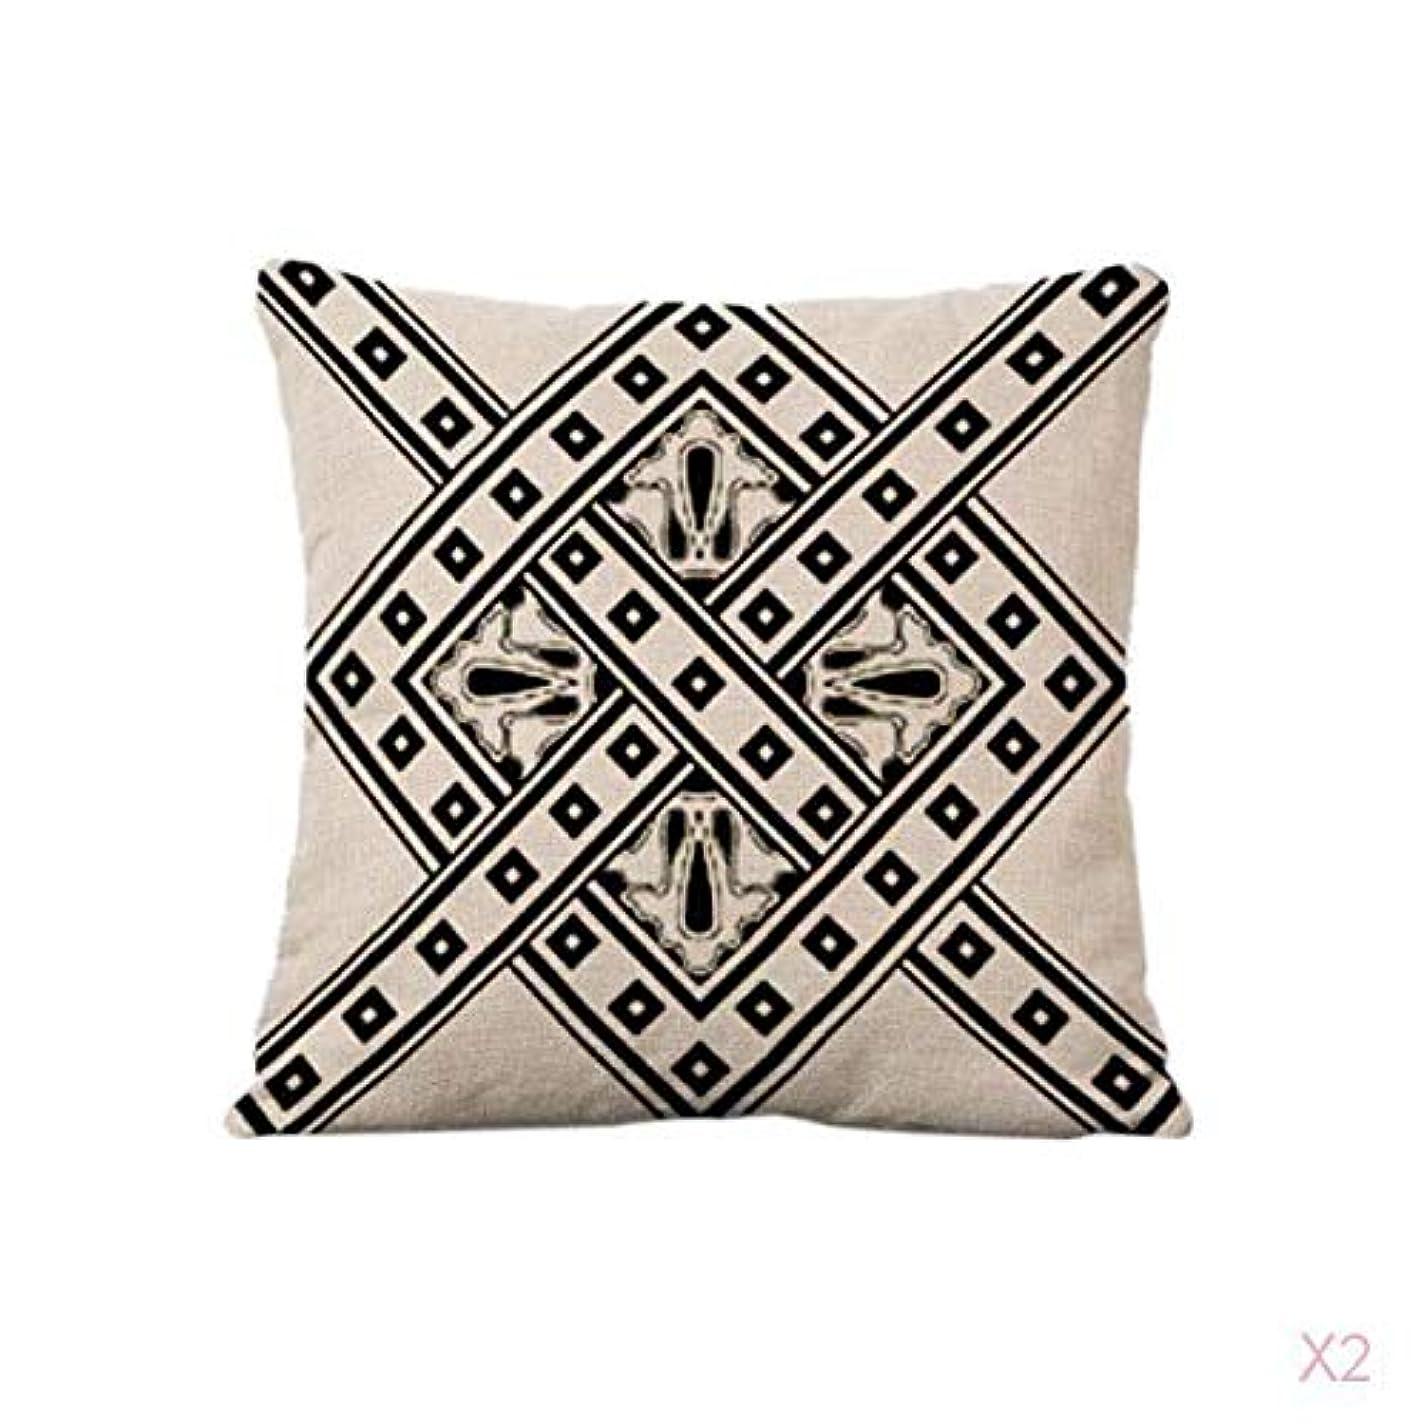 とらえどころのないゼロ保全クッションカバー5色シンプルな幾何学模様のリネンソファー腰枕カバー